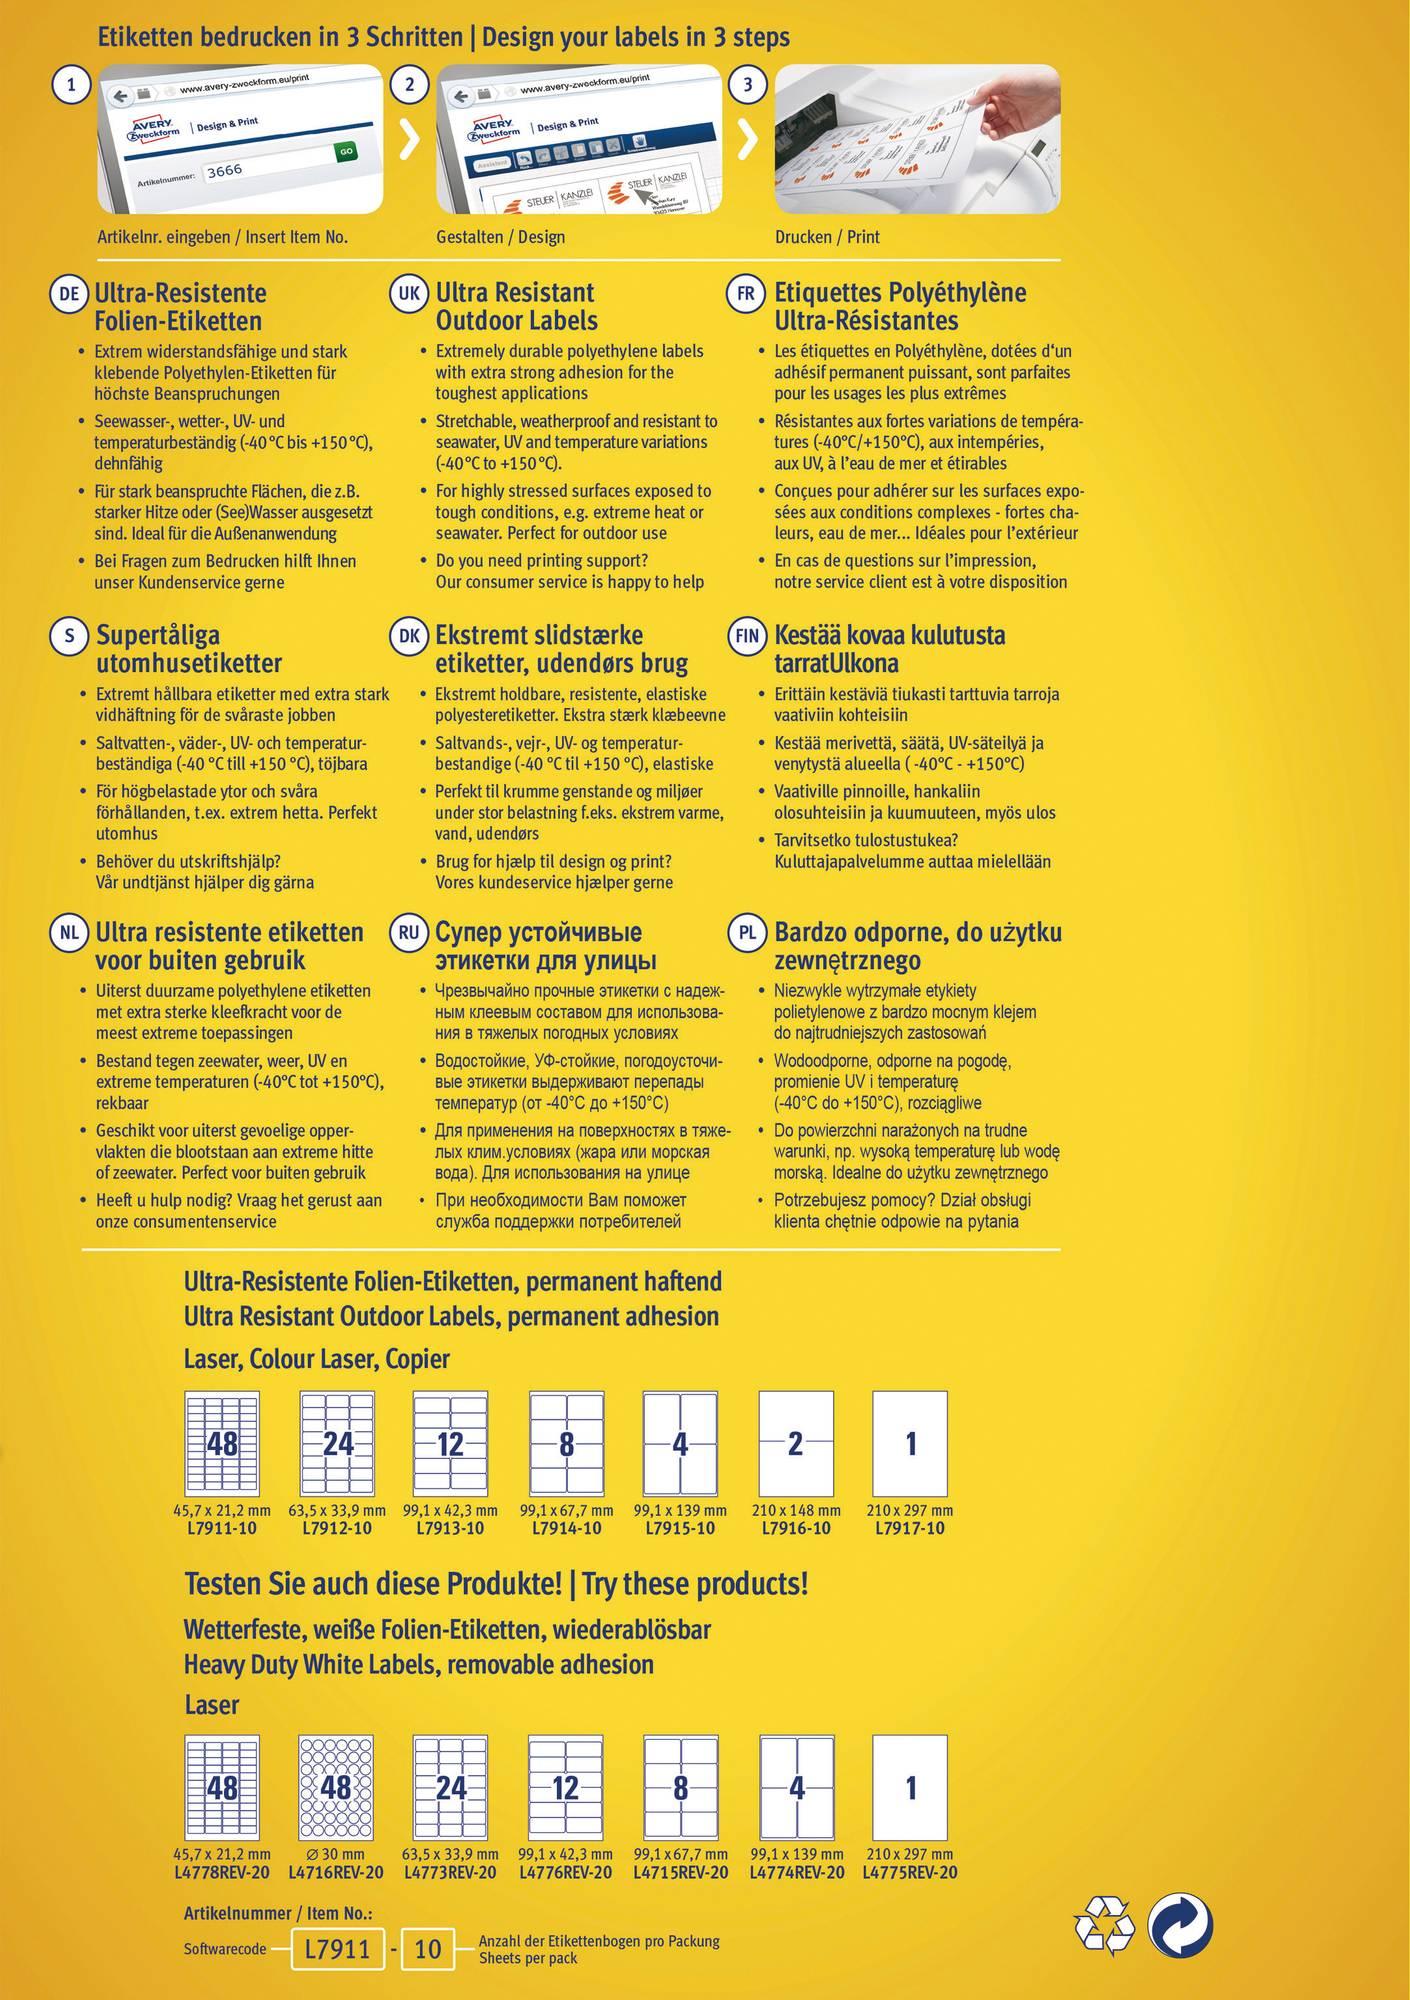 Verpackungsrückseite Avery Zweckform L7915 Ultra-Resistente Etiketten mit Informationen